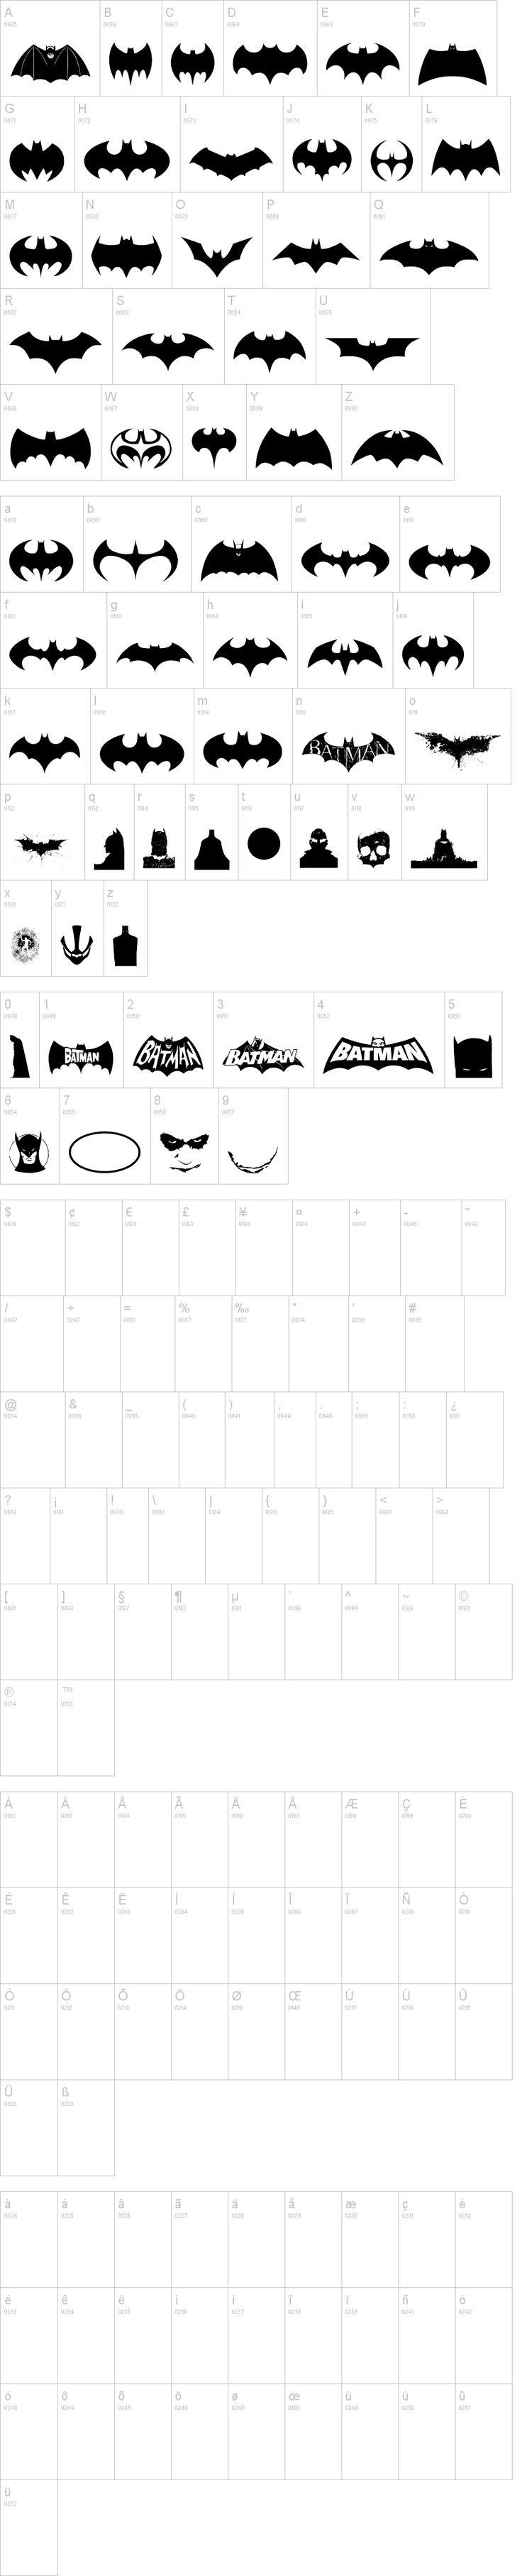 Batman font...my mind in blown!!